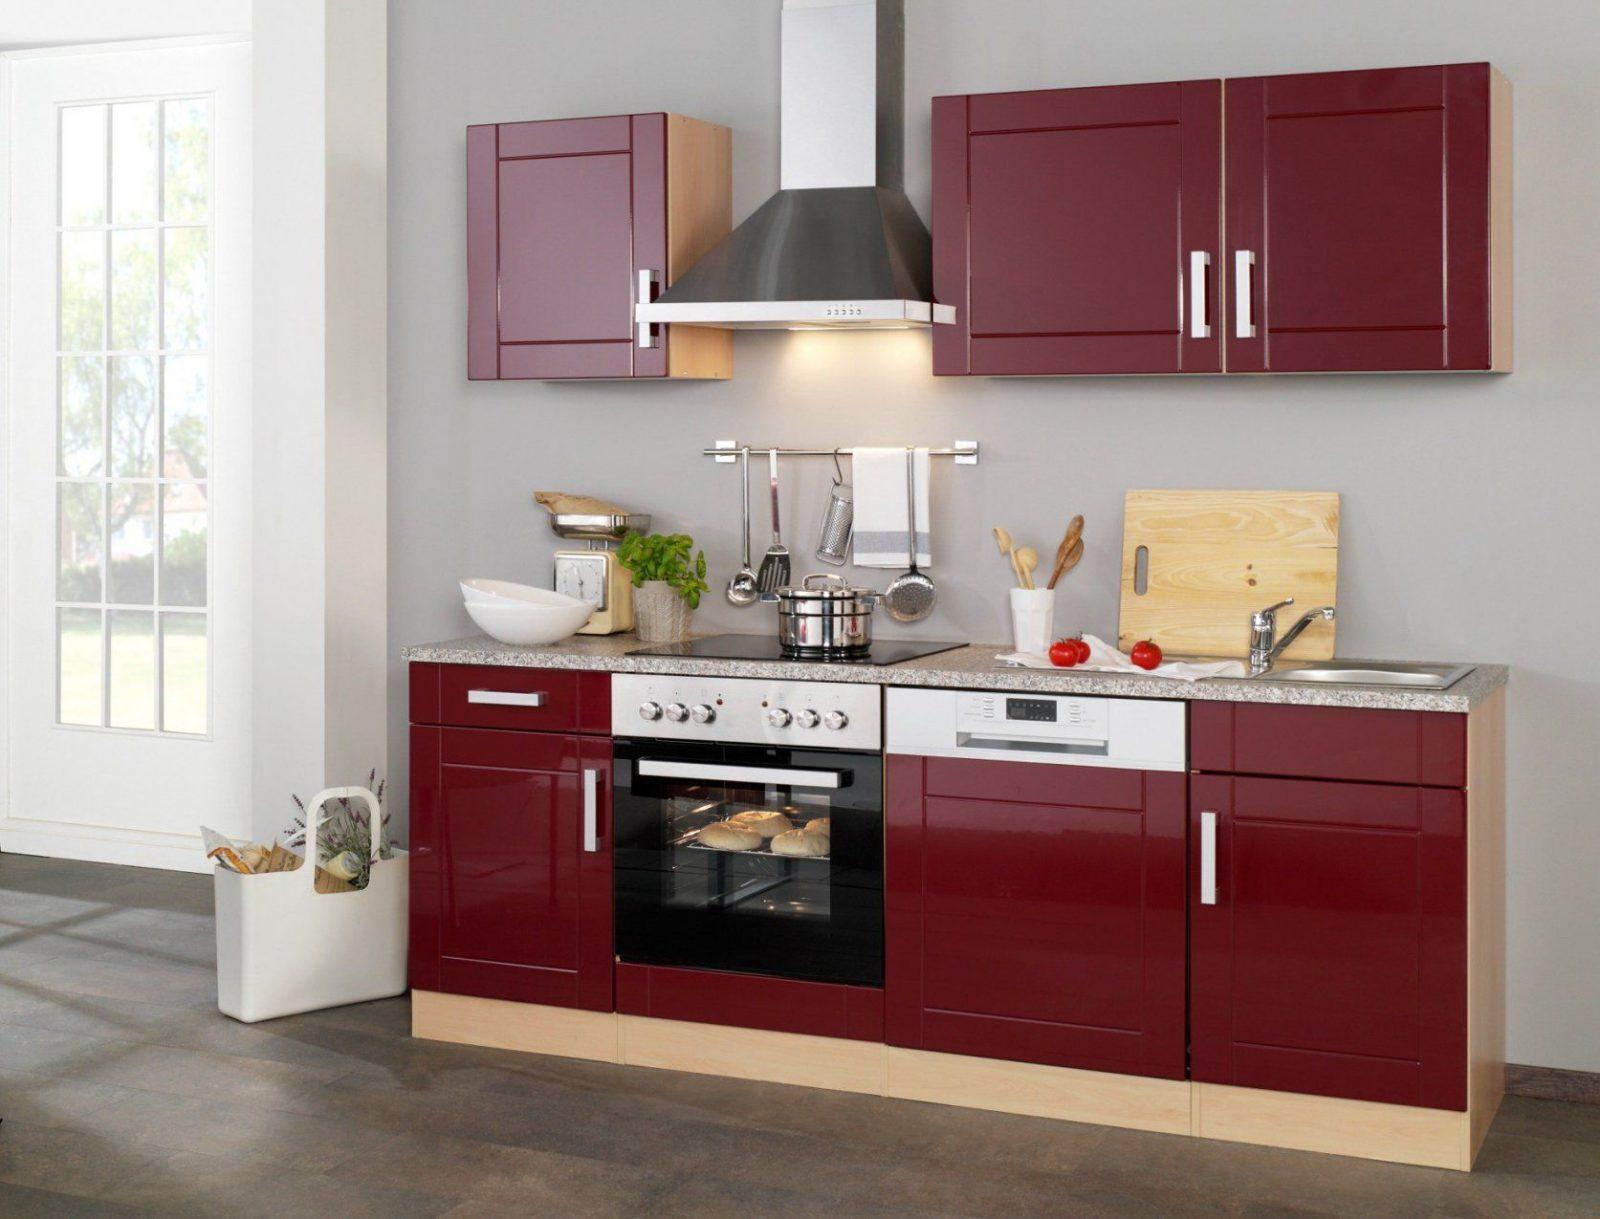 Küchenzeile Varel  Küche Mit Egeräten  Breite 220 Cm  Hochglanz von Küchenzeile 280 Cm Mit Elektrogeräten Günstig Photo